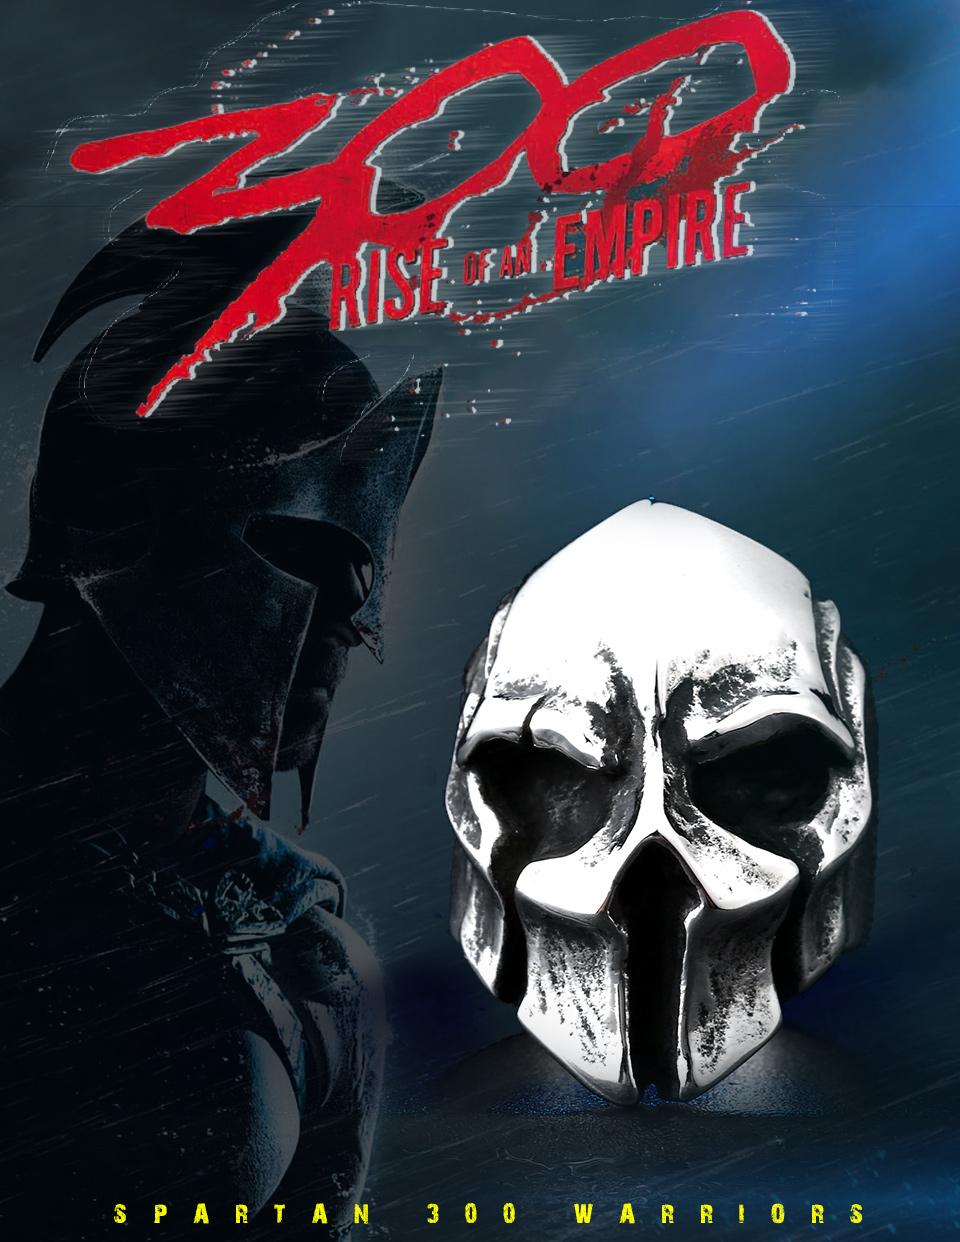 แหวนโคตรเท่ห์ Code 022 แหวน Spartan Warriors สแตนเลส1